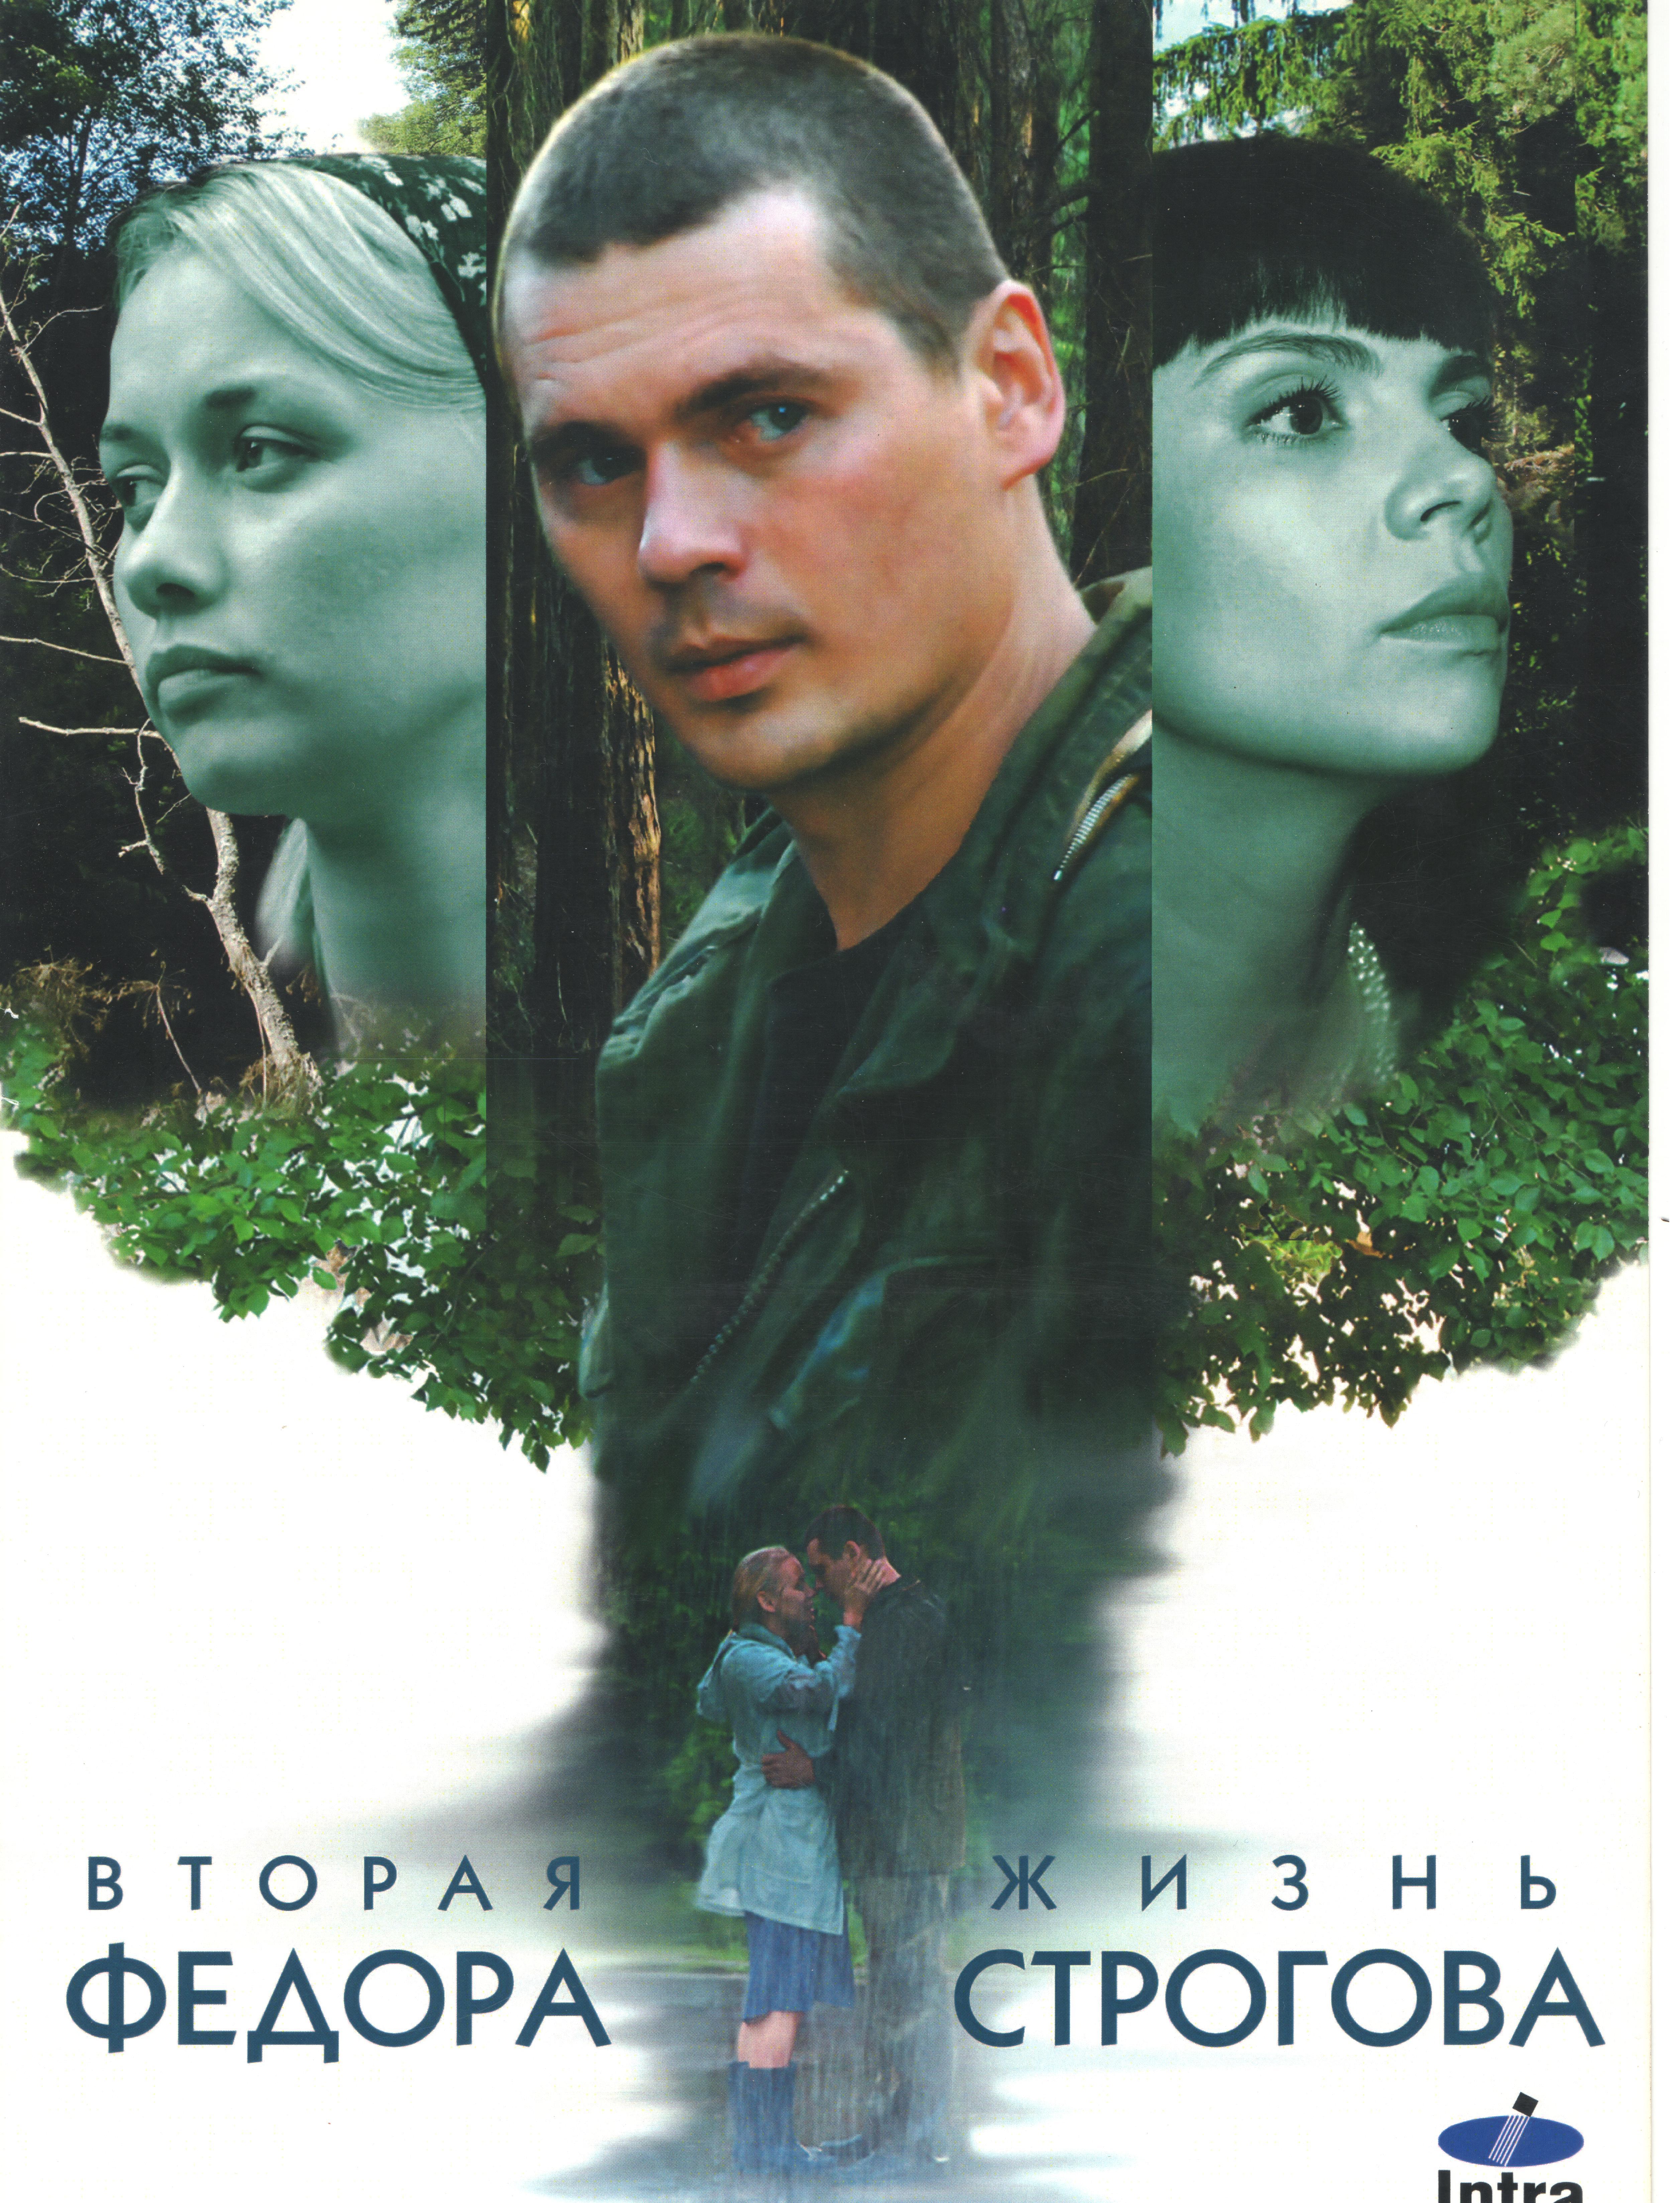 Фильмы с участием раиса рязанова.